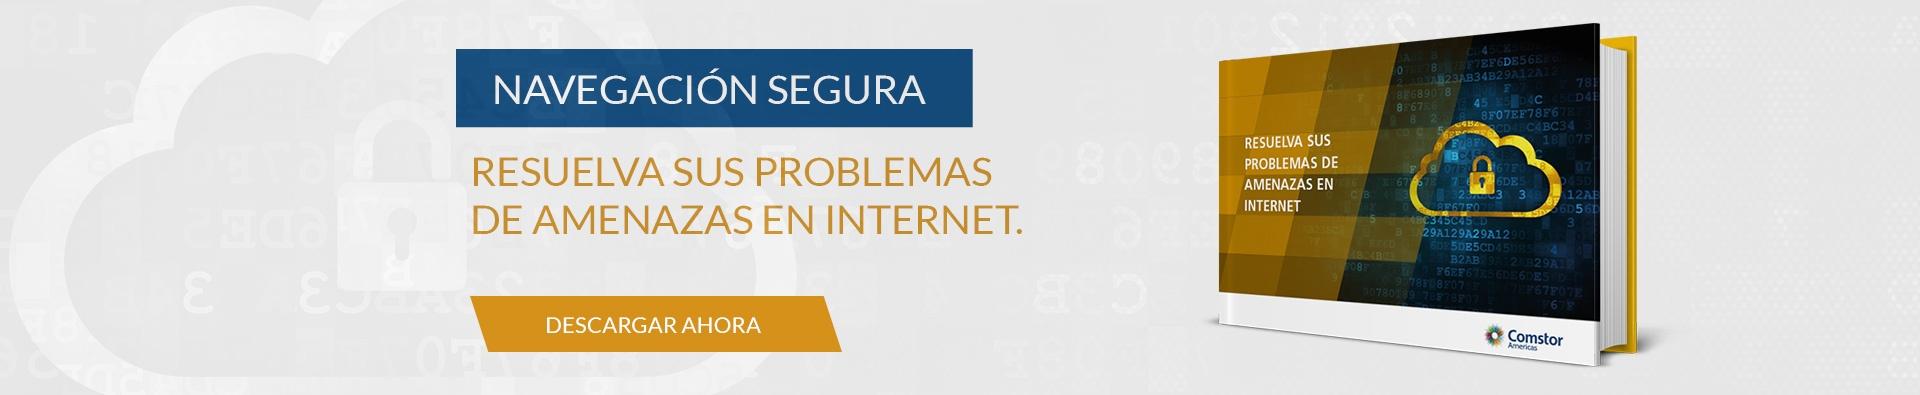 Resuelva sus problemas de amenazas en internet